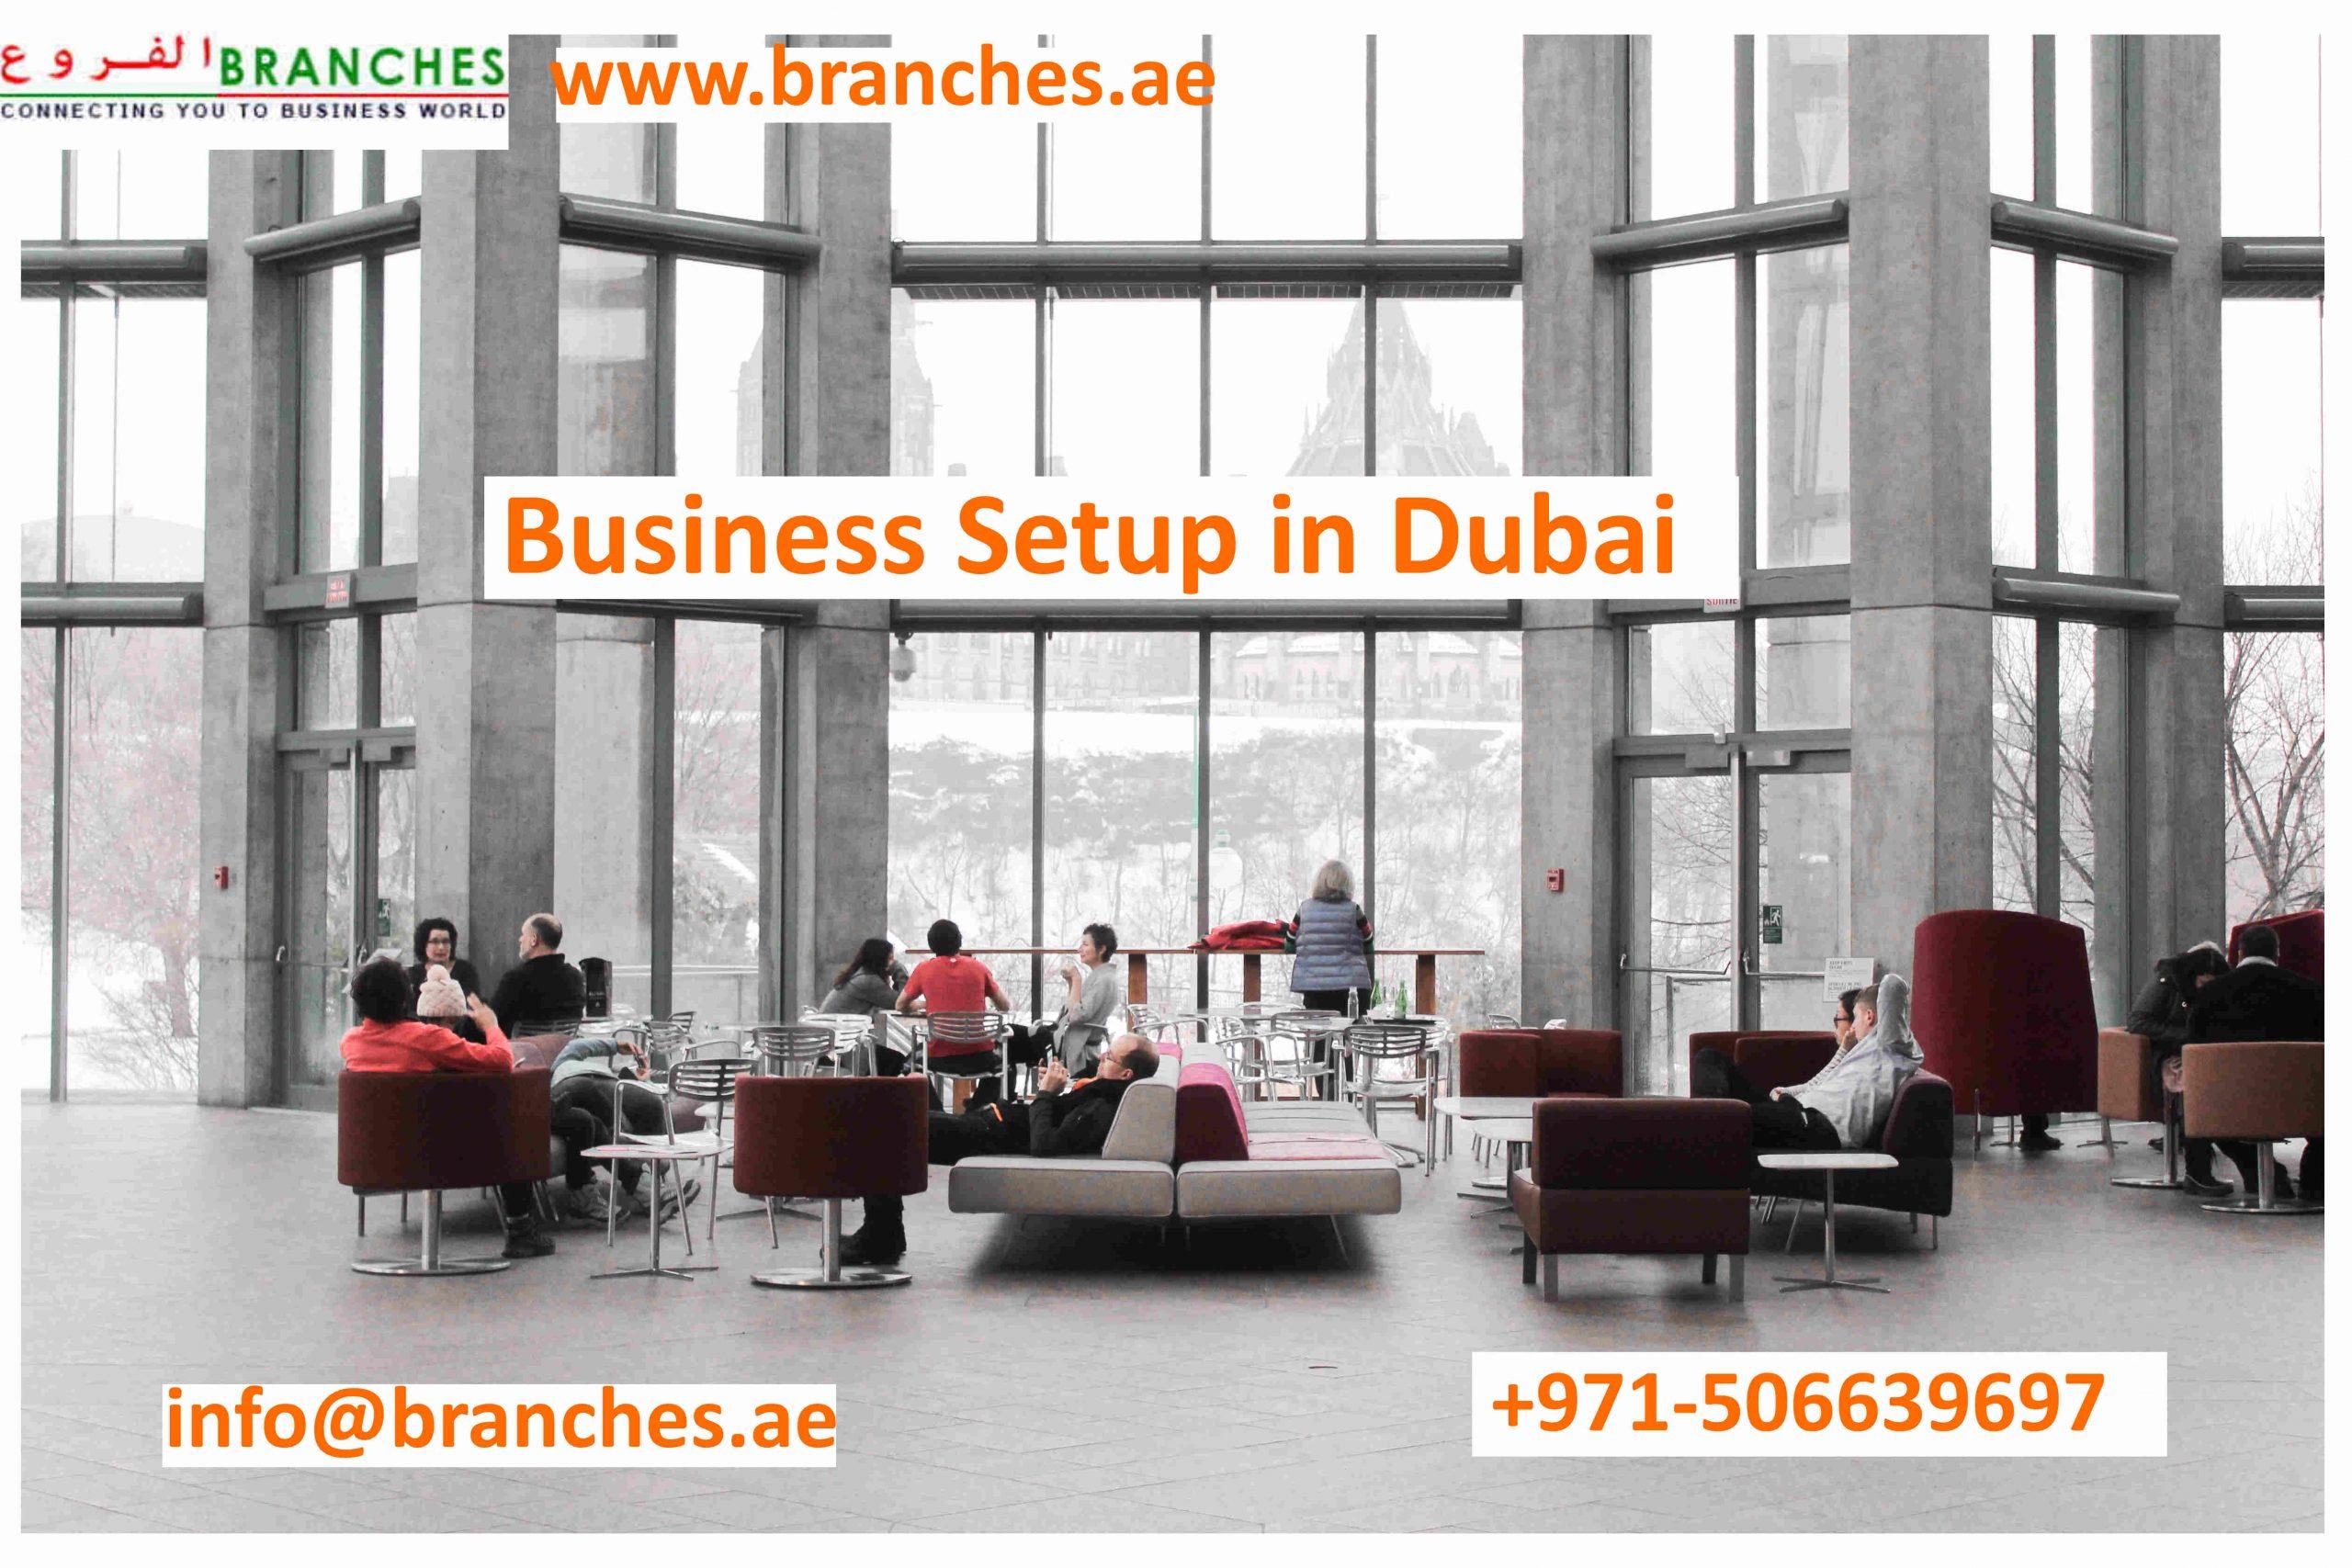 Business Setup in Dubai